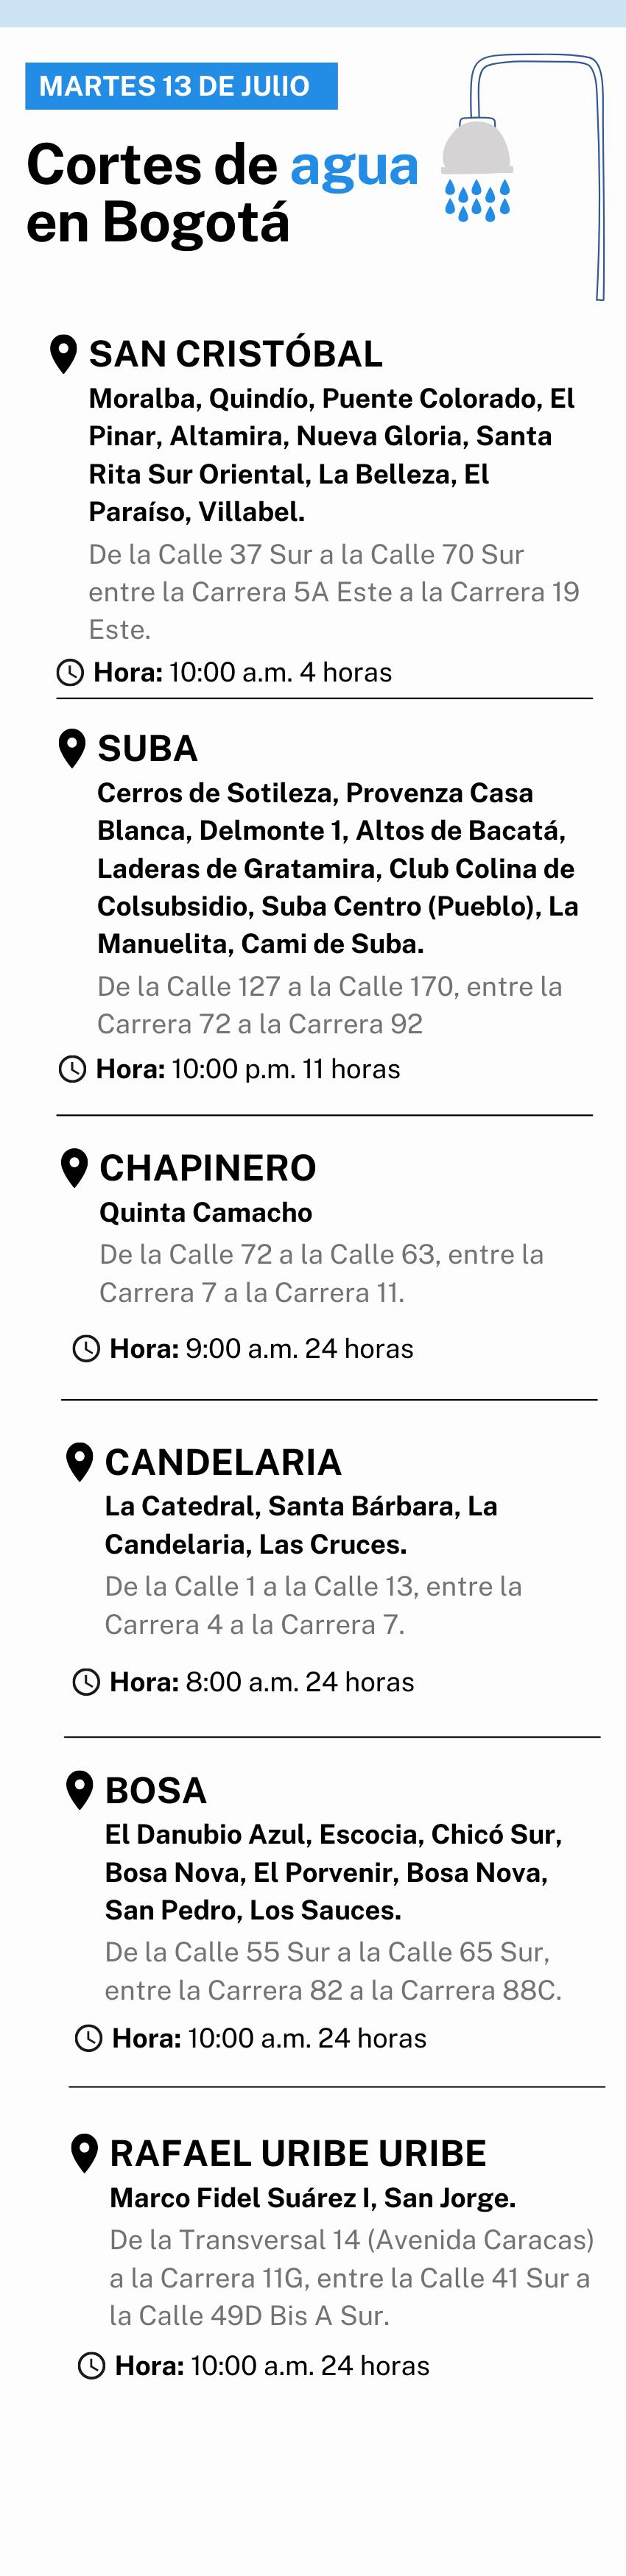 Cortes de agua en Bogotámartes 13 de julio